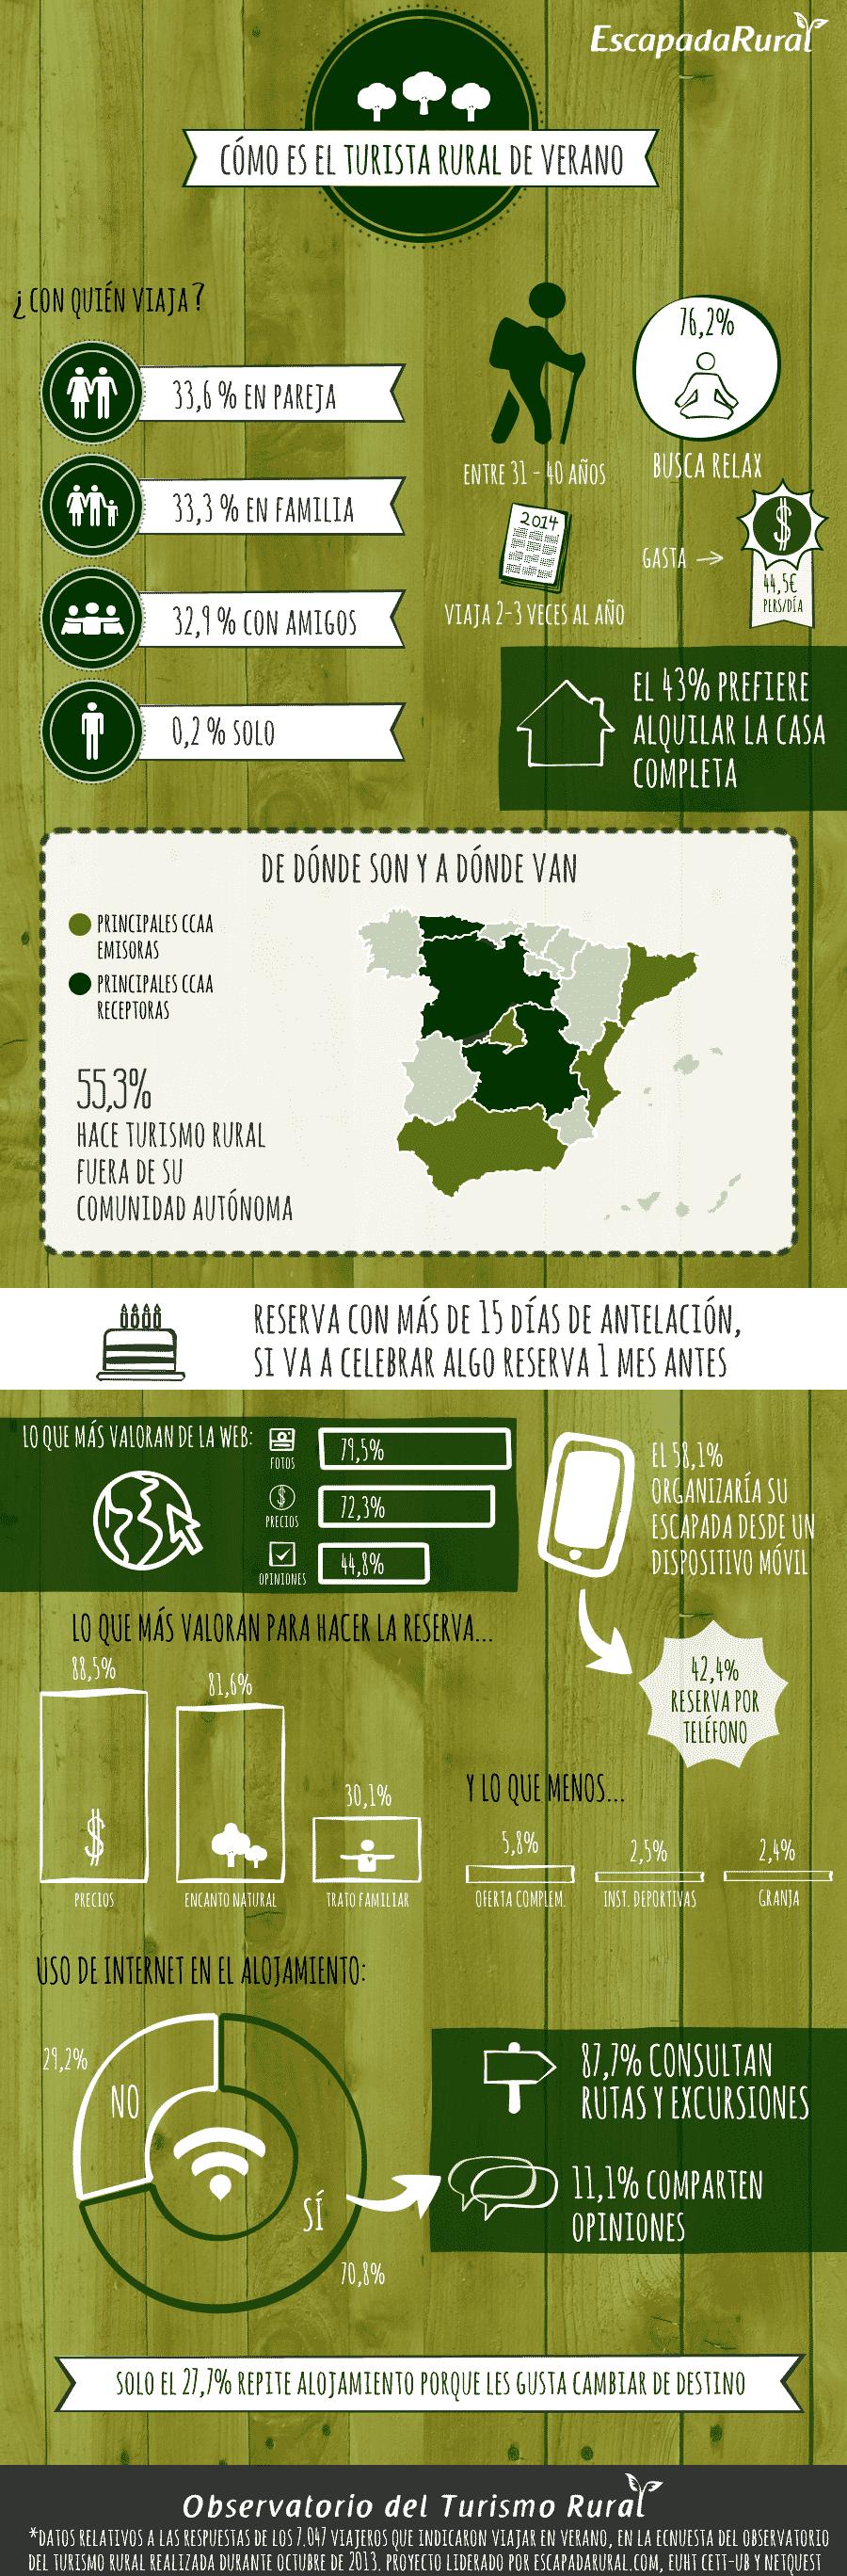 Cómo es el turista rural de verano. Infografía del observatorio del turismo rural 2014